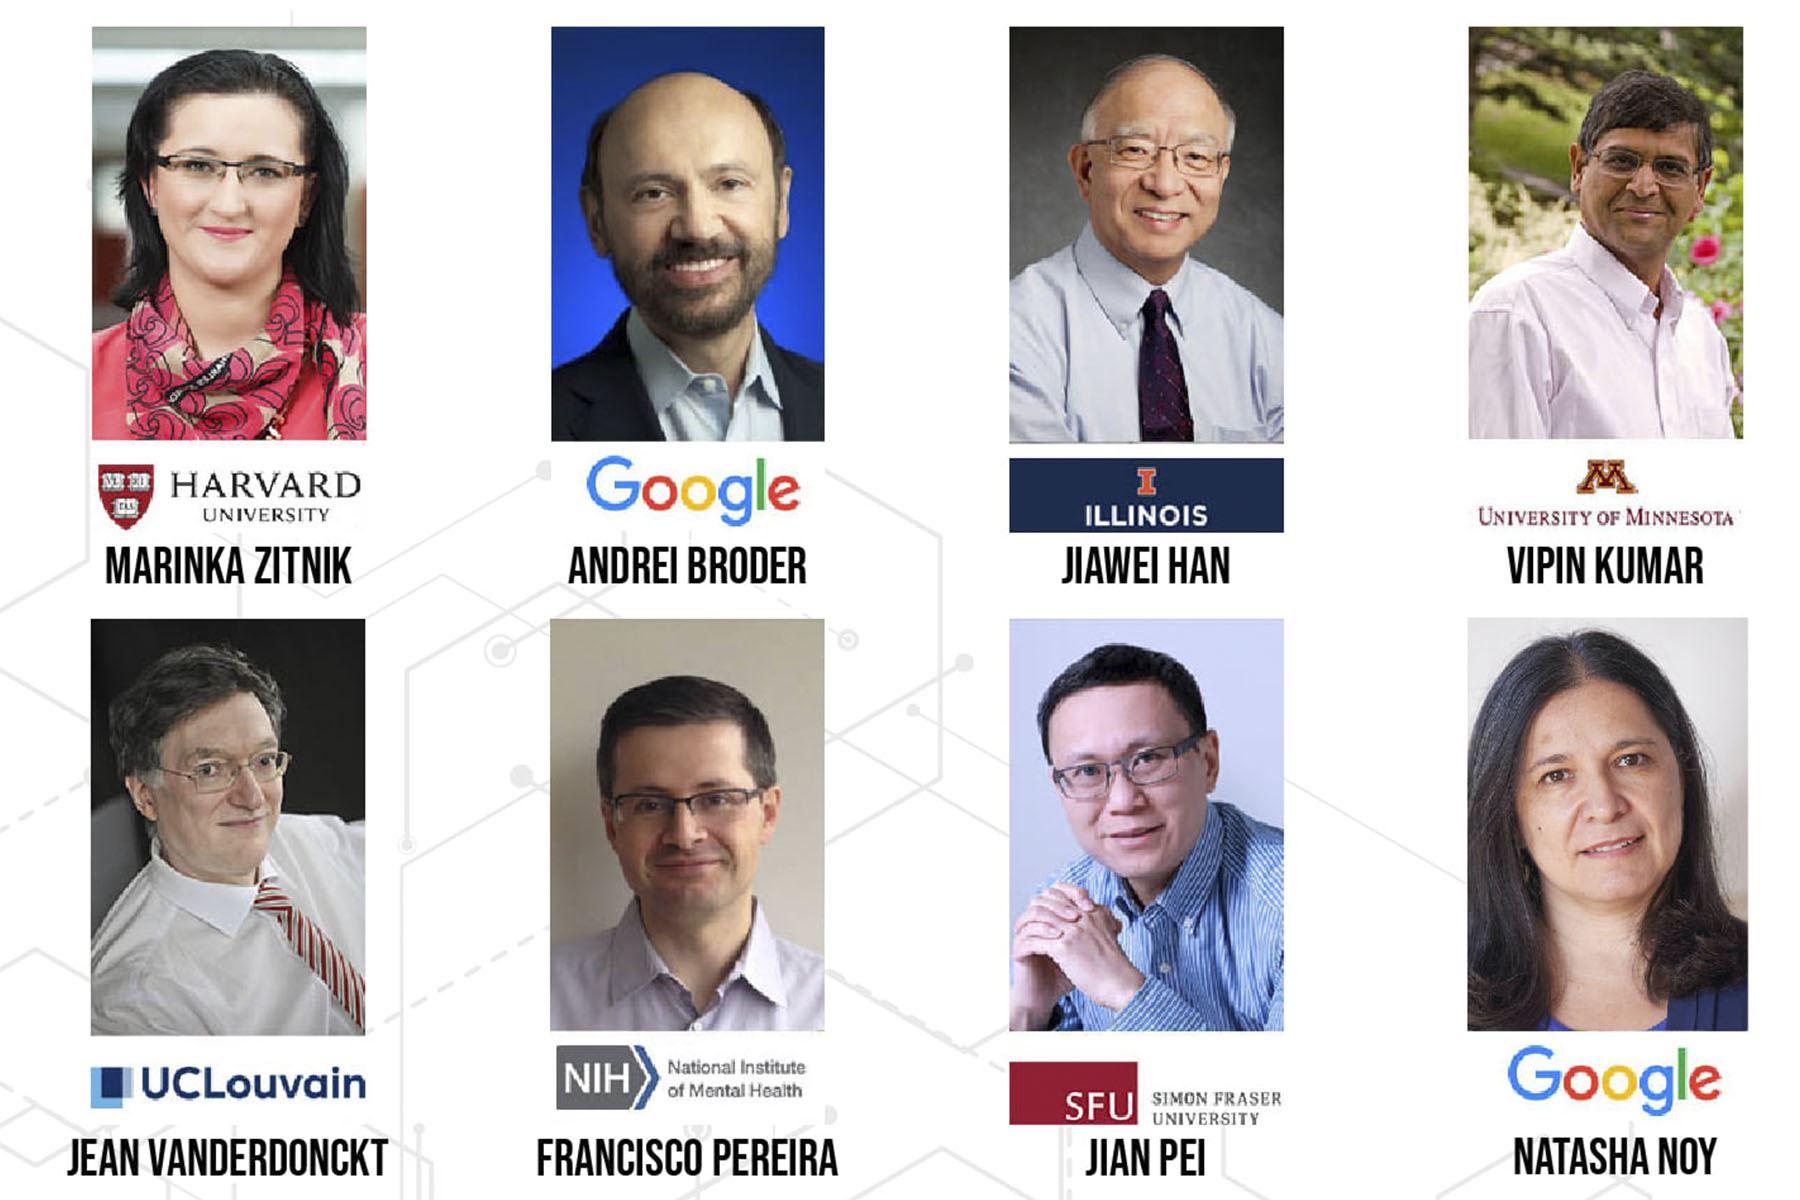 Expertos de Google y universidades de EE.UU darán charlas sobre inteligencia artificial